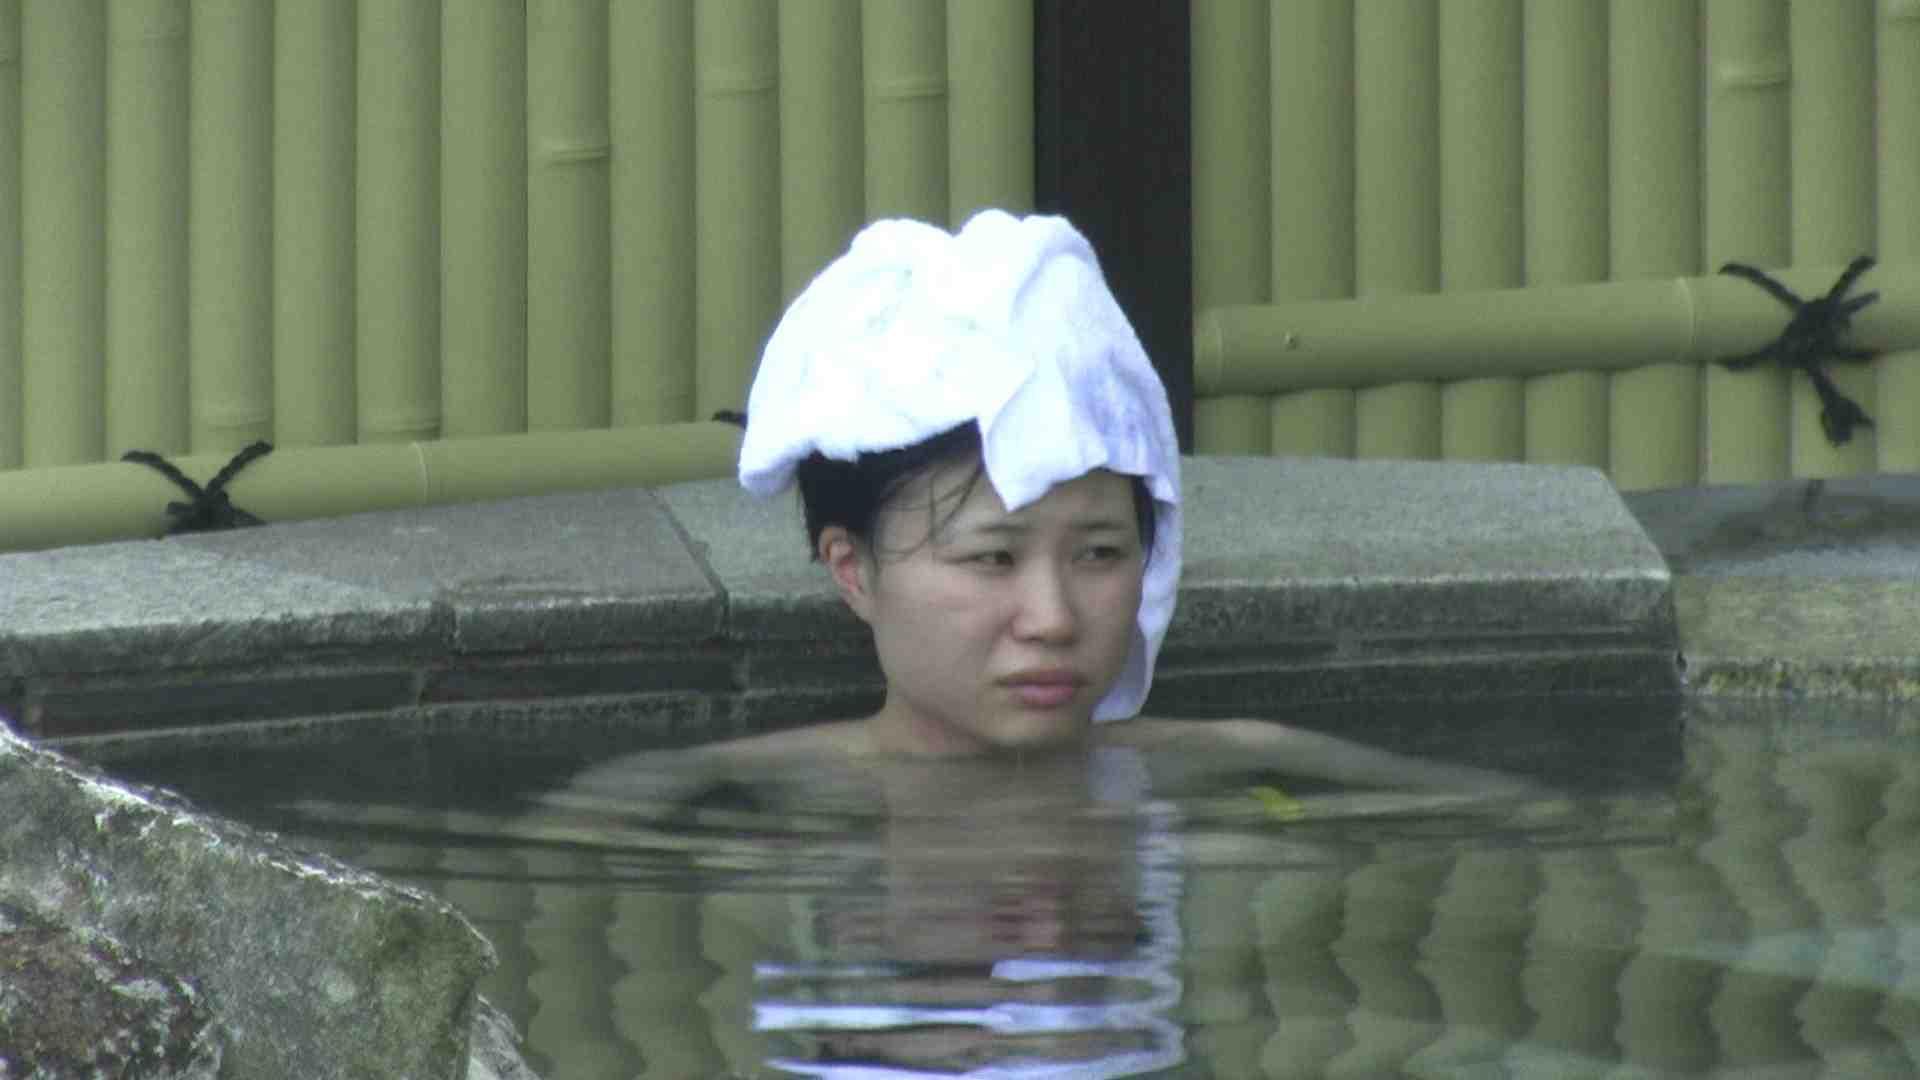 Aquaな露天風呂Vol.183 盗撮  69画像 12